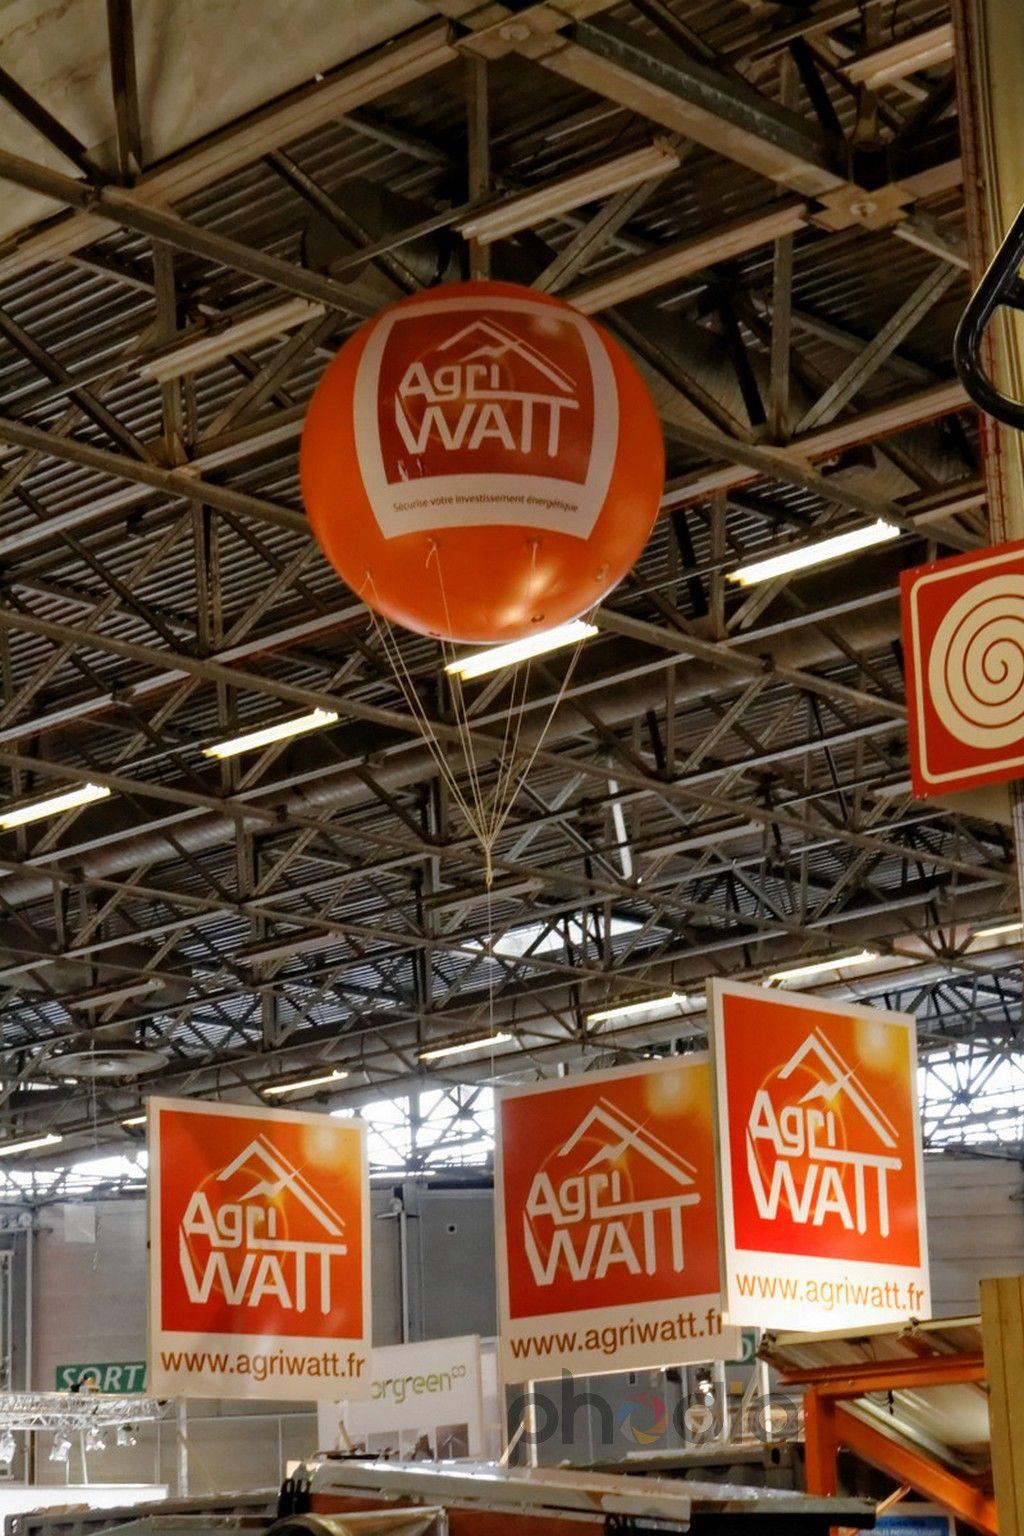 Publicité pour exposant Agriwatt - SIA 2013